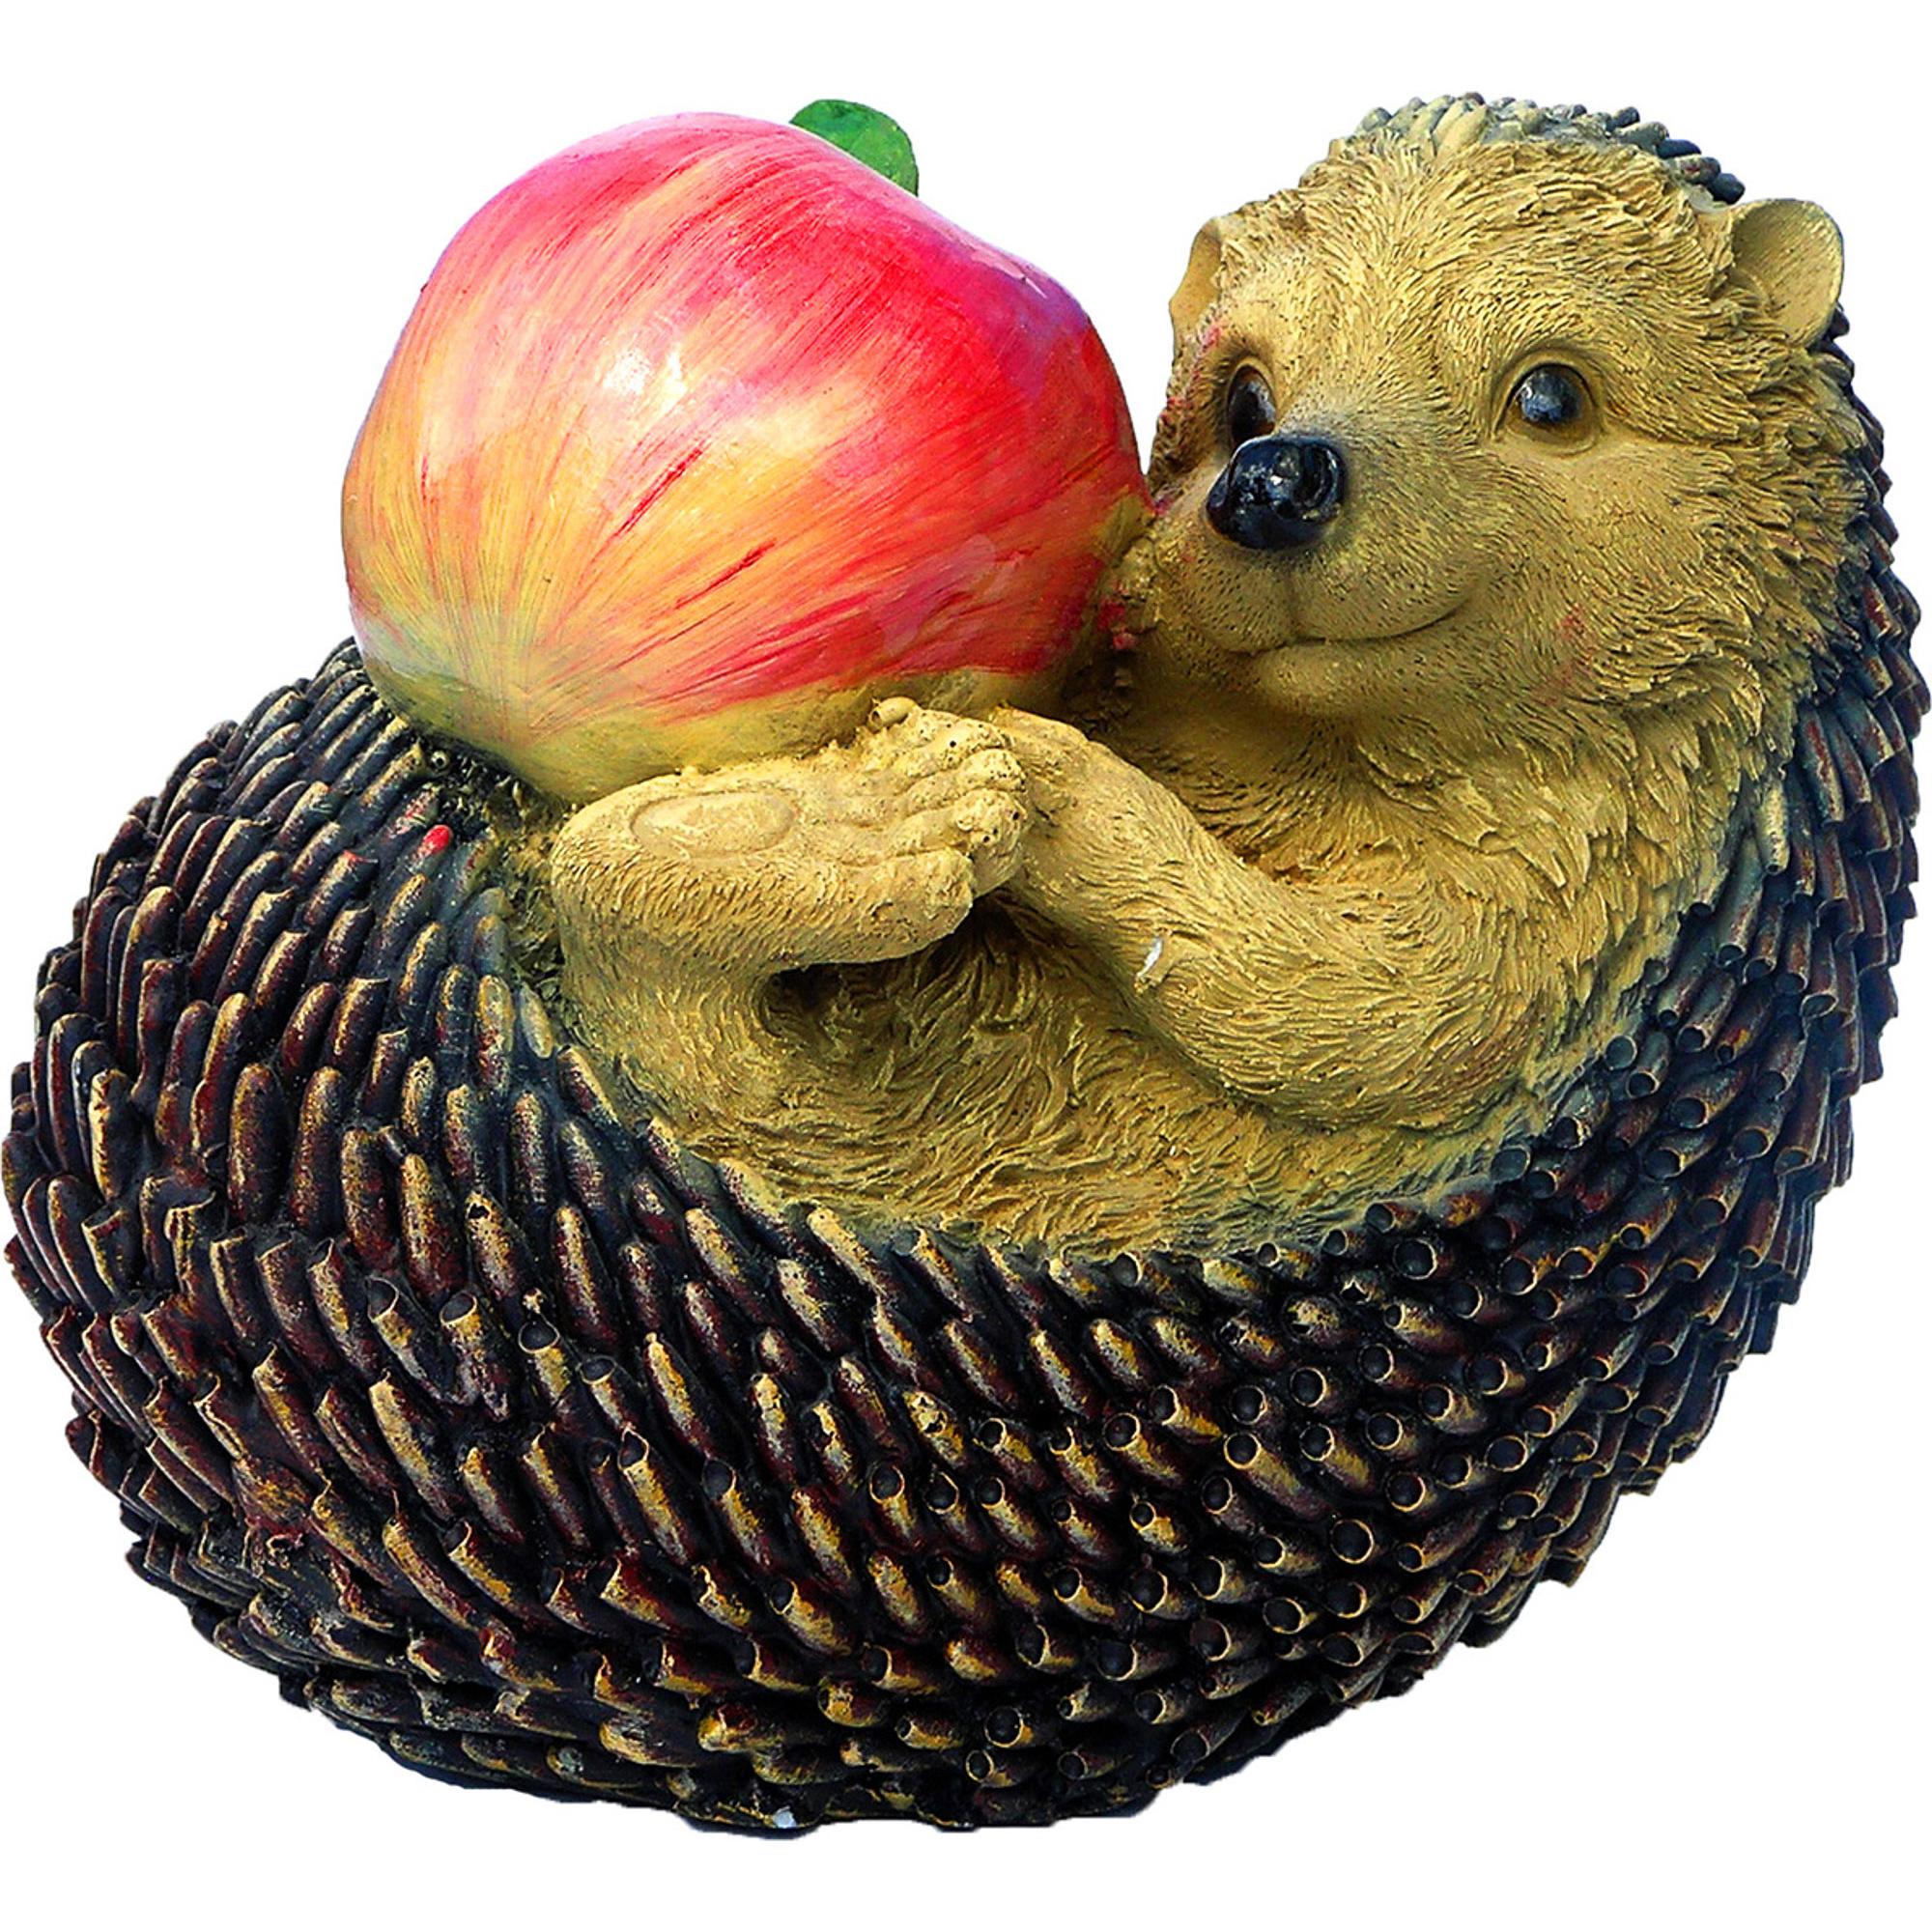 Фигура еж с яблоком натур иголками Тпк полиформ